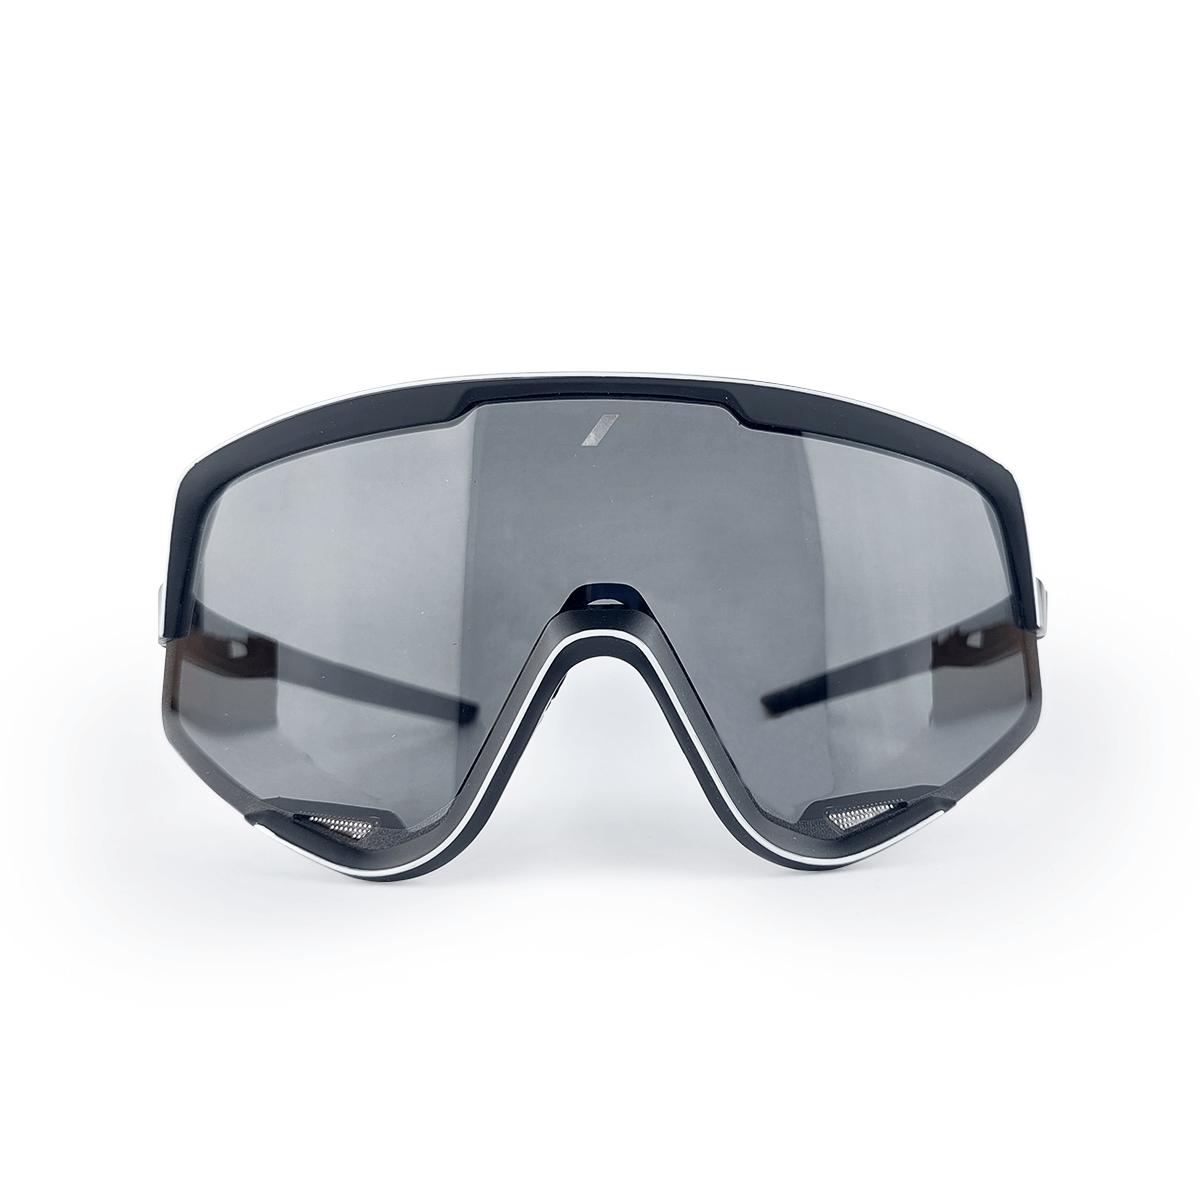 Oculos 100% Glendale 2 Lentes Ciclismo